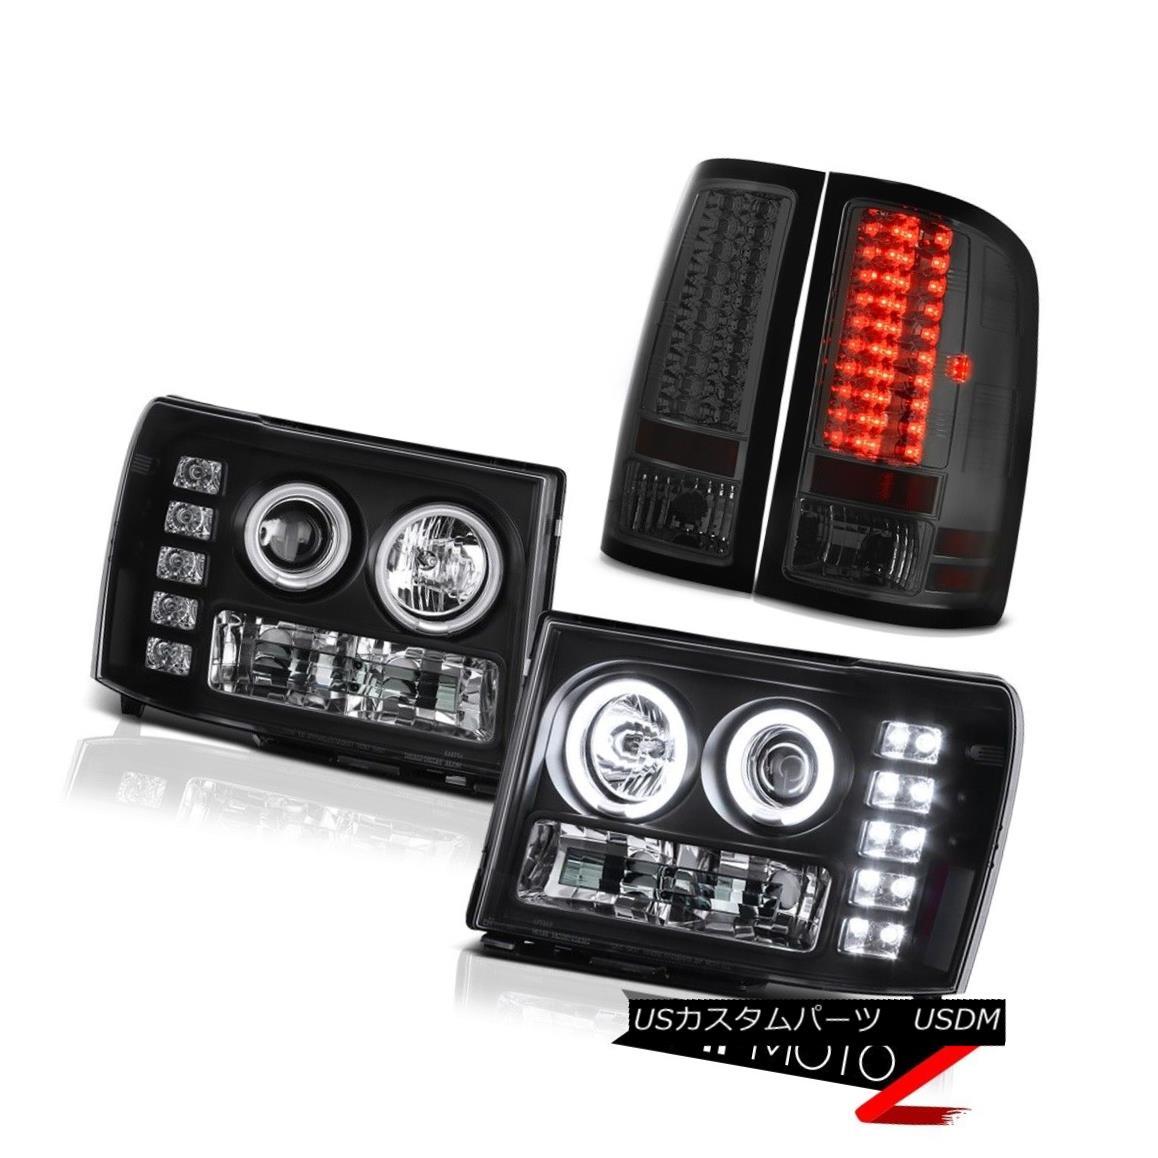 テールライト DRL CCFL Halo Ring Headlamp Dark LED Brake Tail Lamp 07 08 09 GMC Sierra 4.3L WT DRL CCFLハローリングヘッドランプダークLEDブレーキテールランプ07 08 09 GMC Sierra 4.3L WT